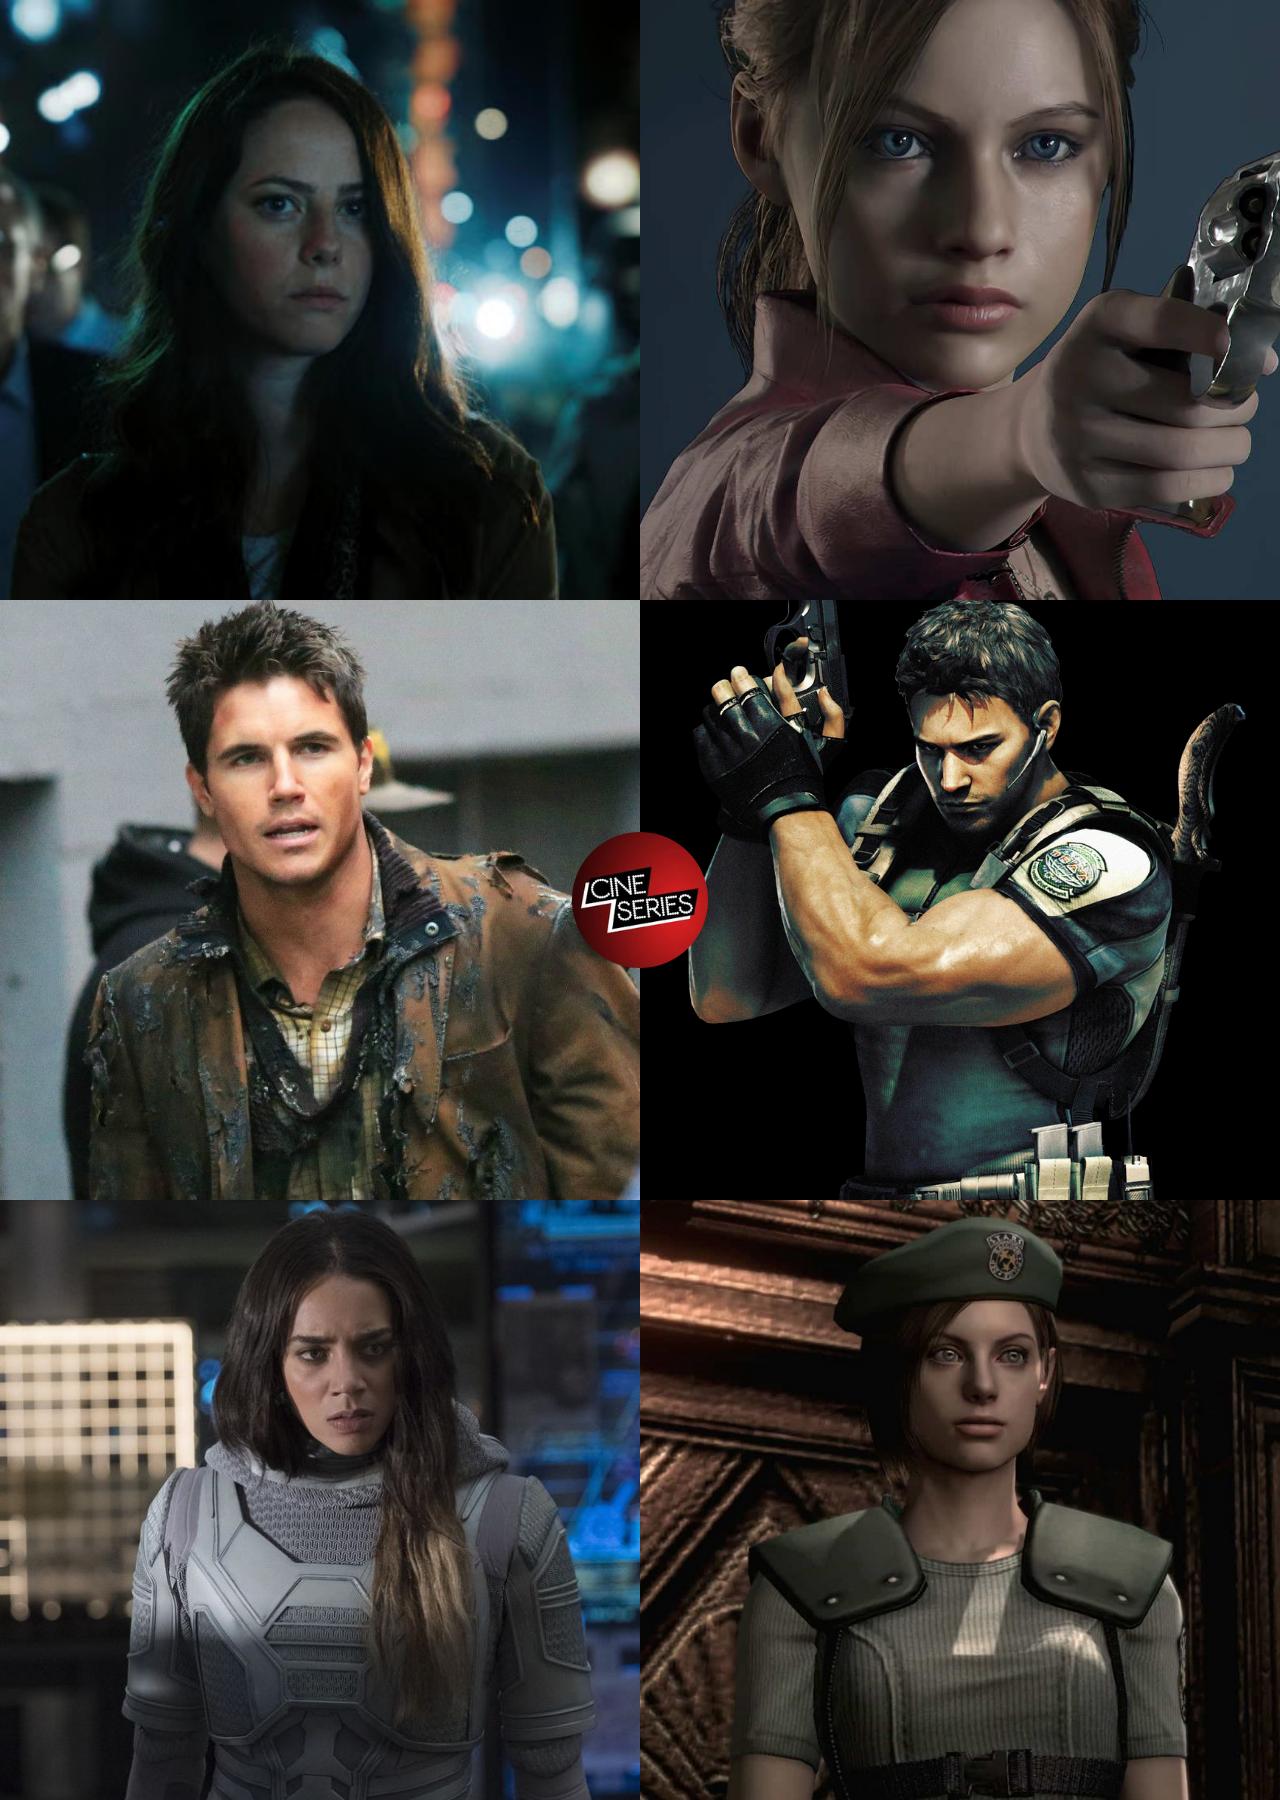 Resident evil casting